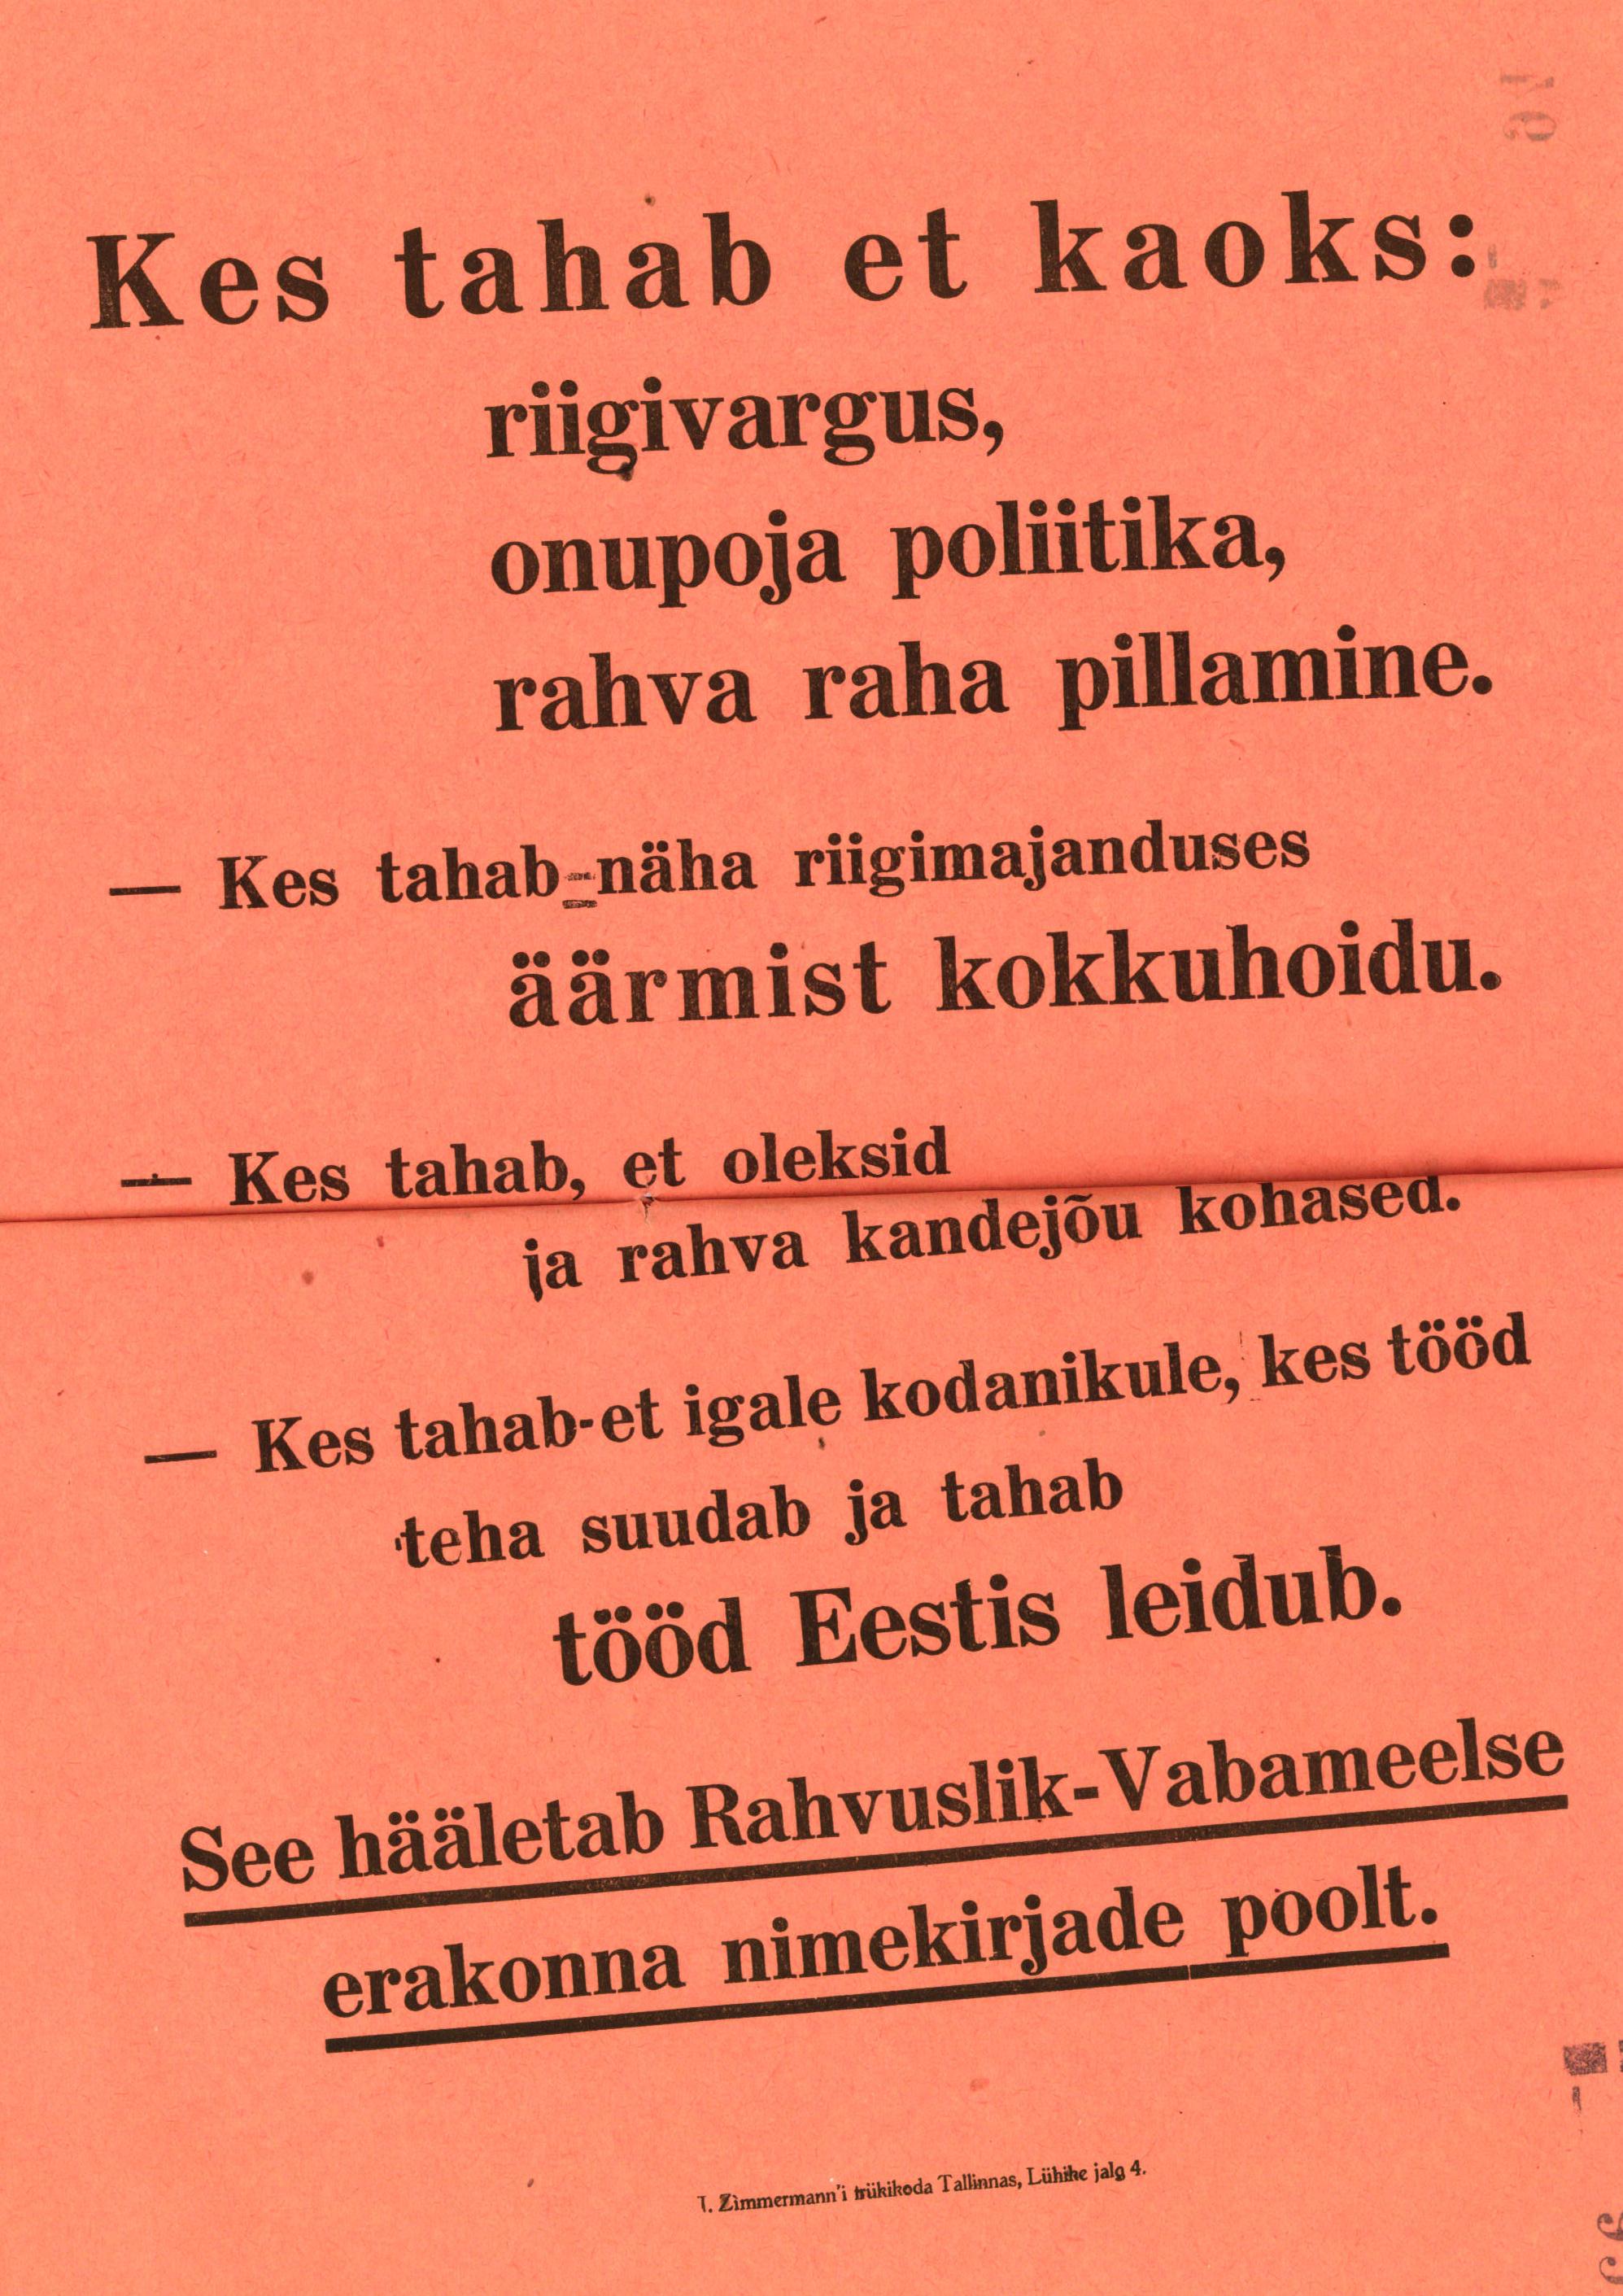 Rahvuslik-vabameelse erakonna valmisplakat 1926. aasta valimisteks. ERA.2379.1.42